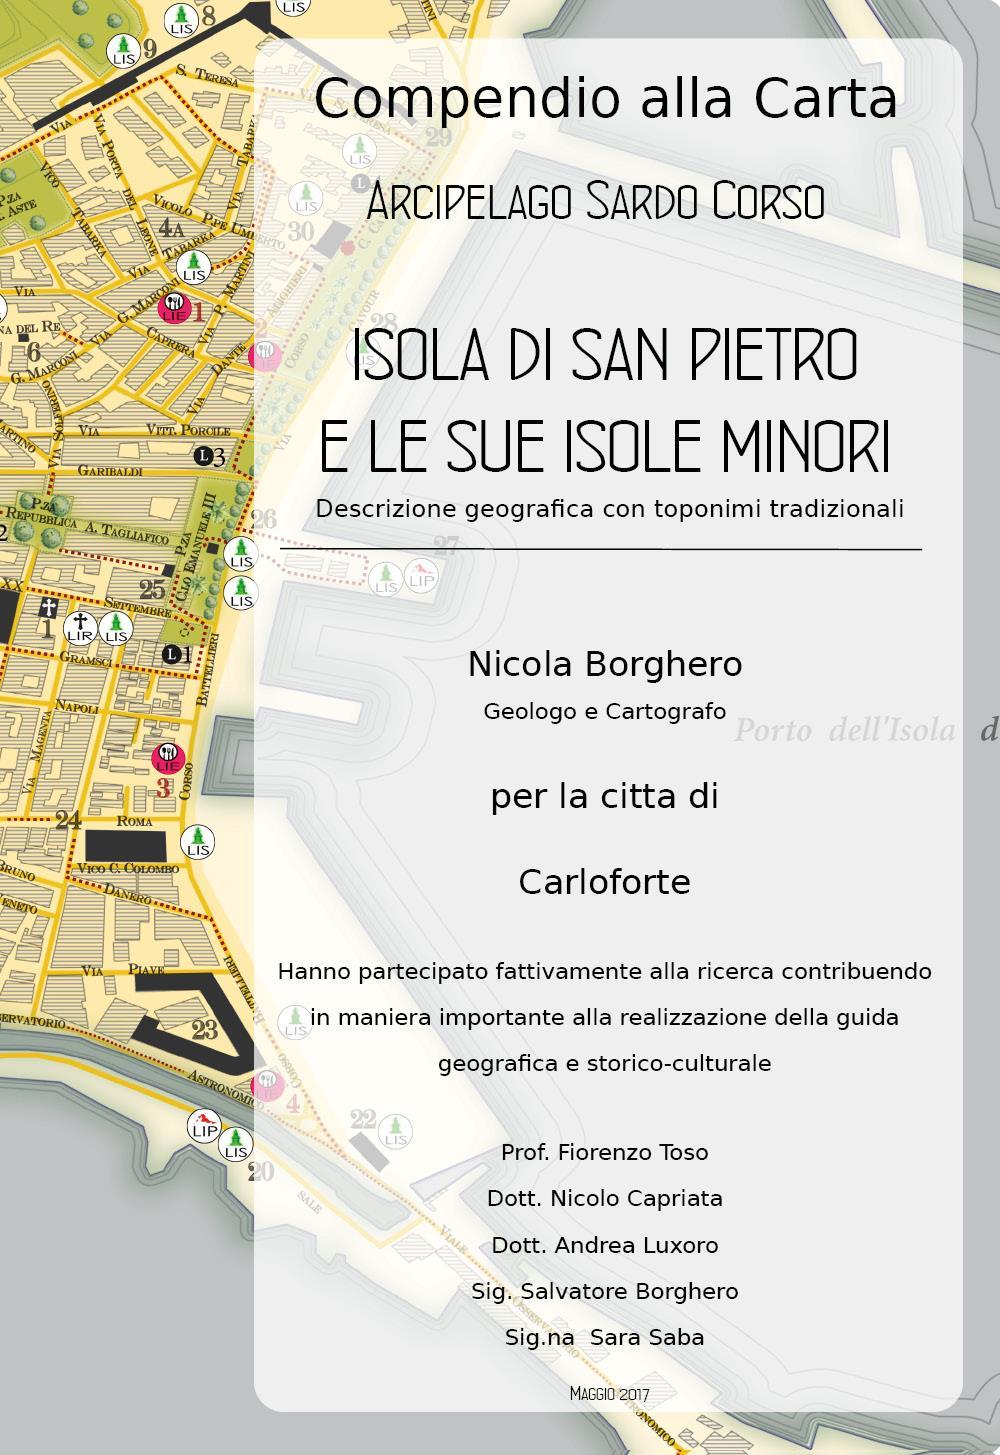 Compendio alla Carta dal titolo: Arcipelago Sardo Corso - Isola di San Pietro e le sue Isole minori